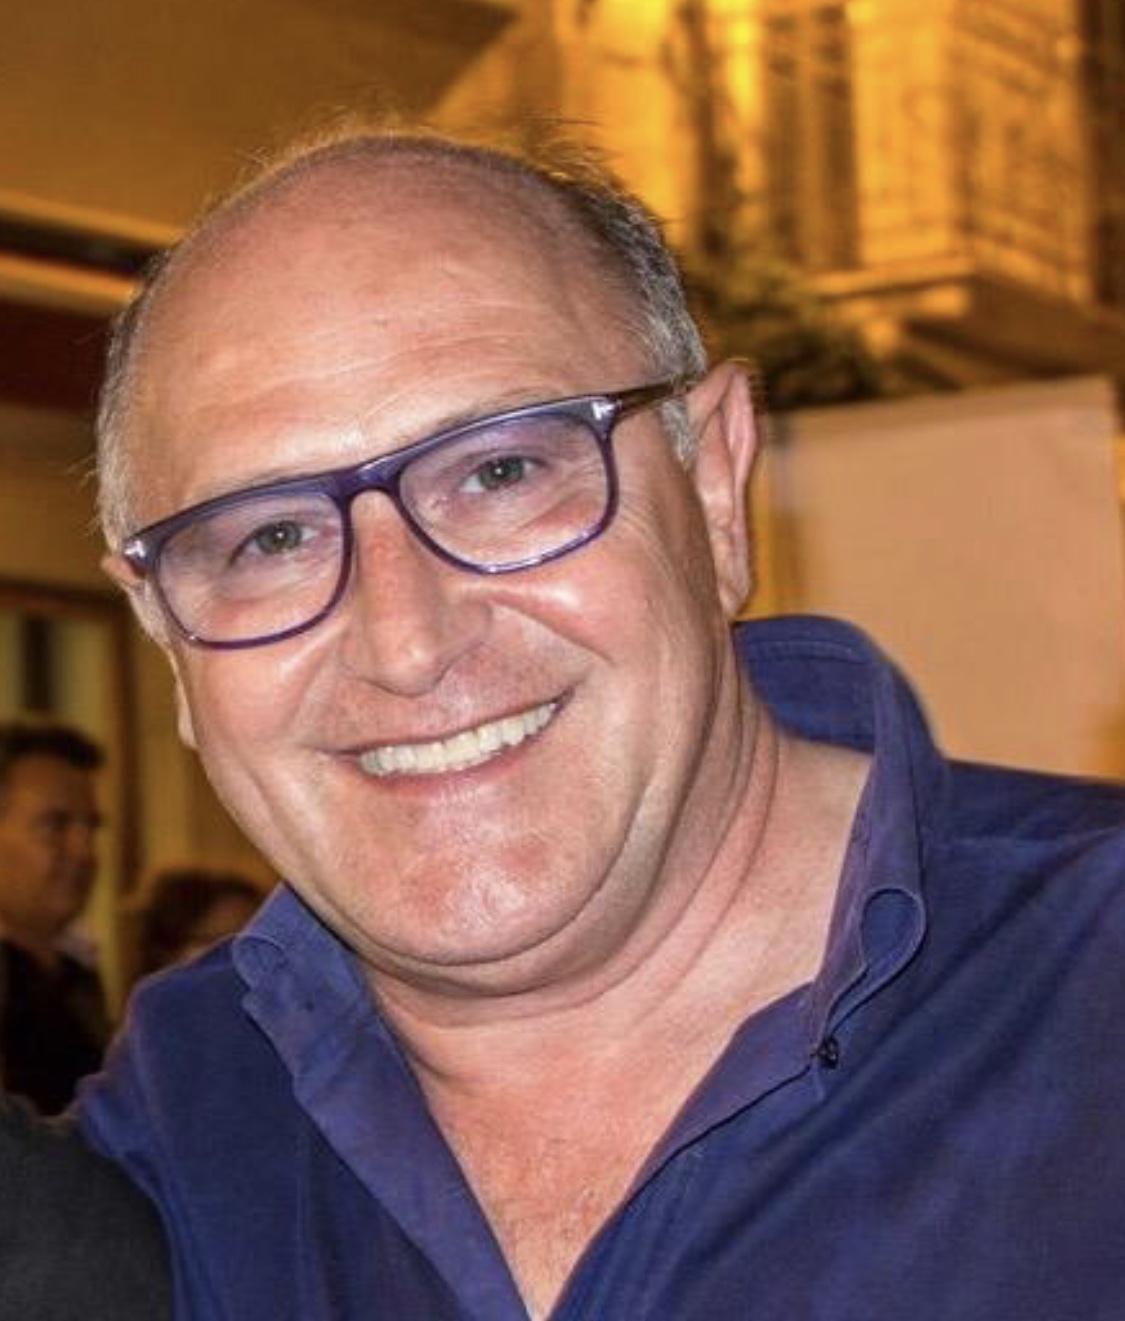 Il presidente di Assoturismo Abruzzo - Daniele Zunica